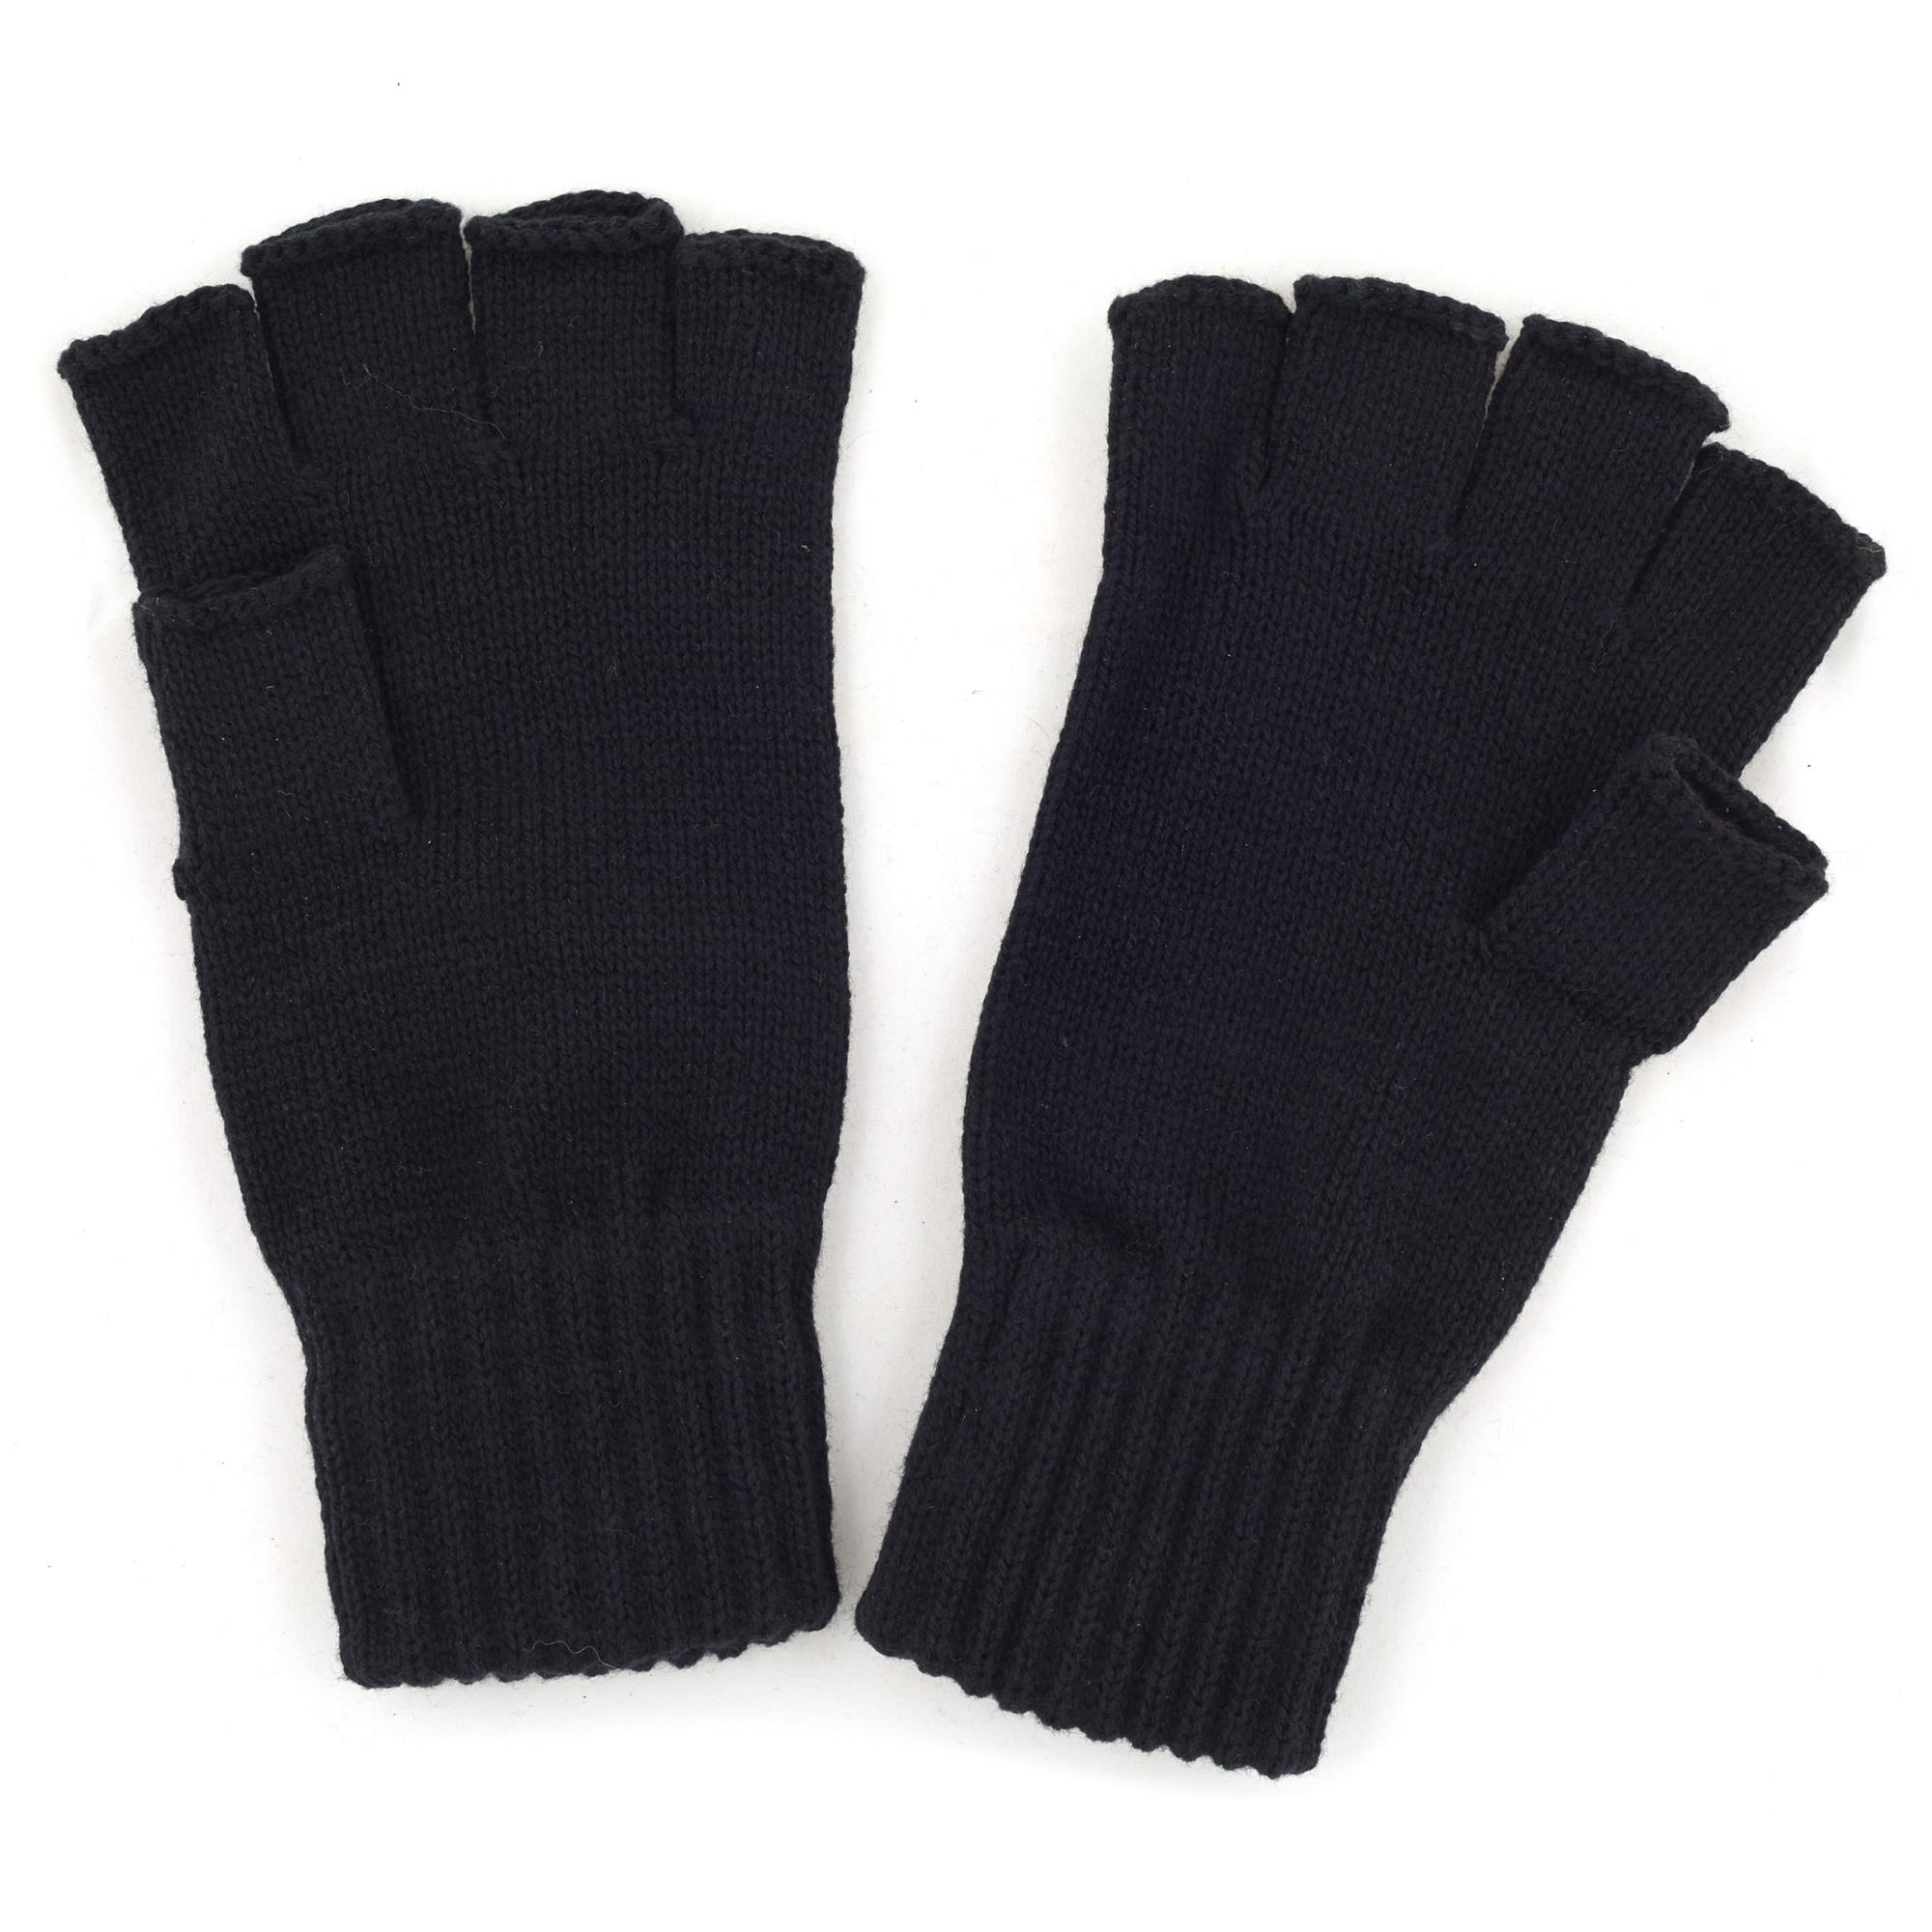 Fingerless Gloves - Gray Bolts